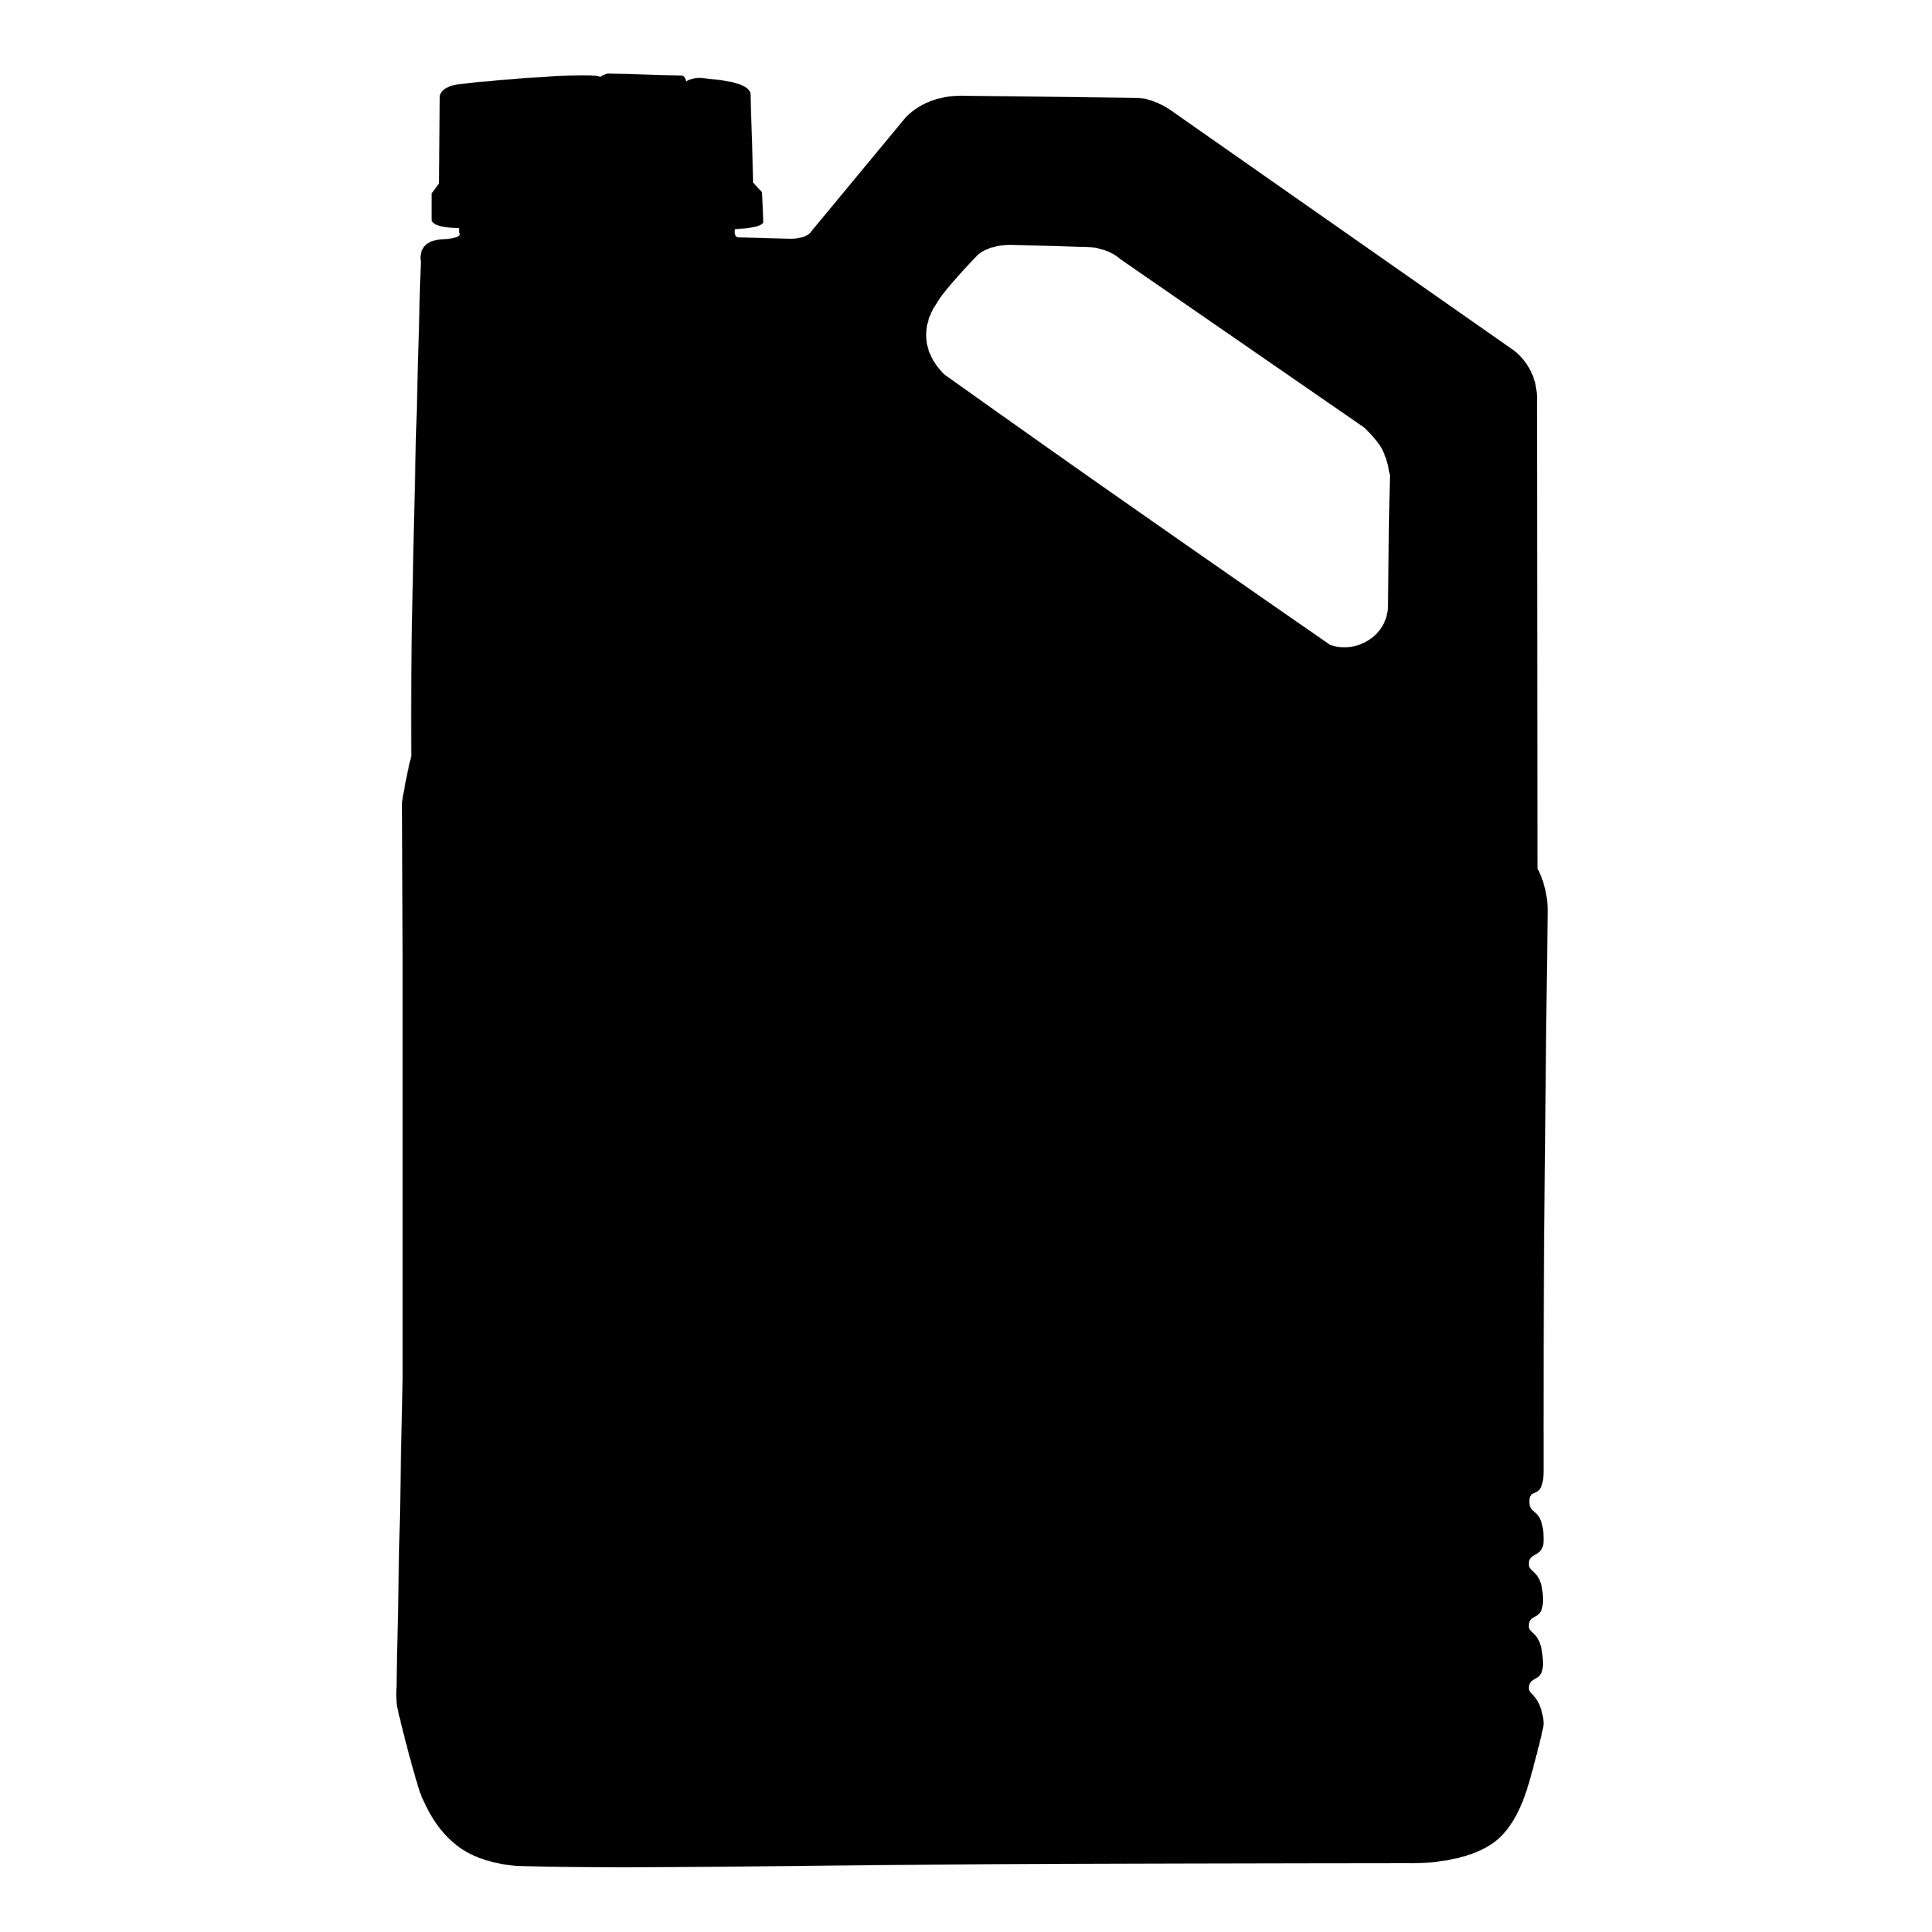 Motoroil